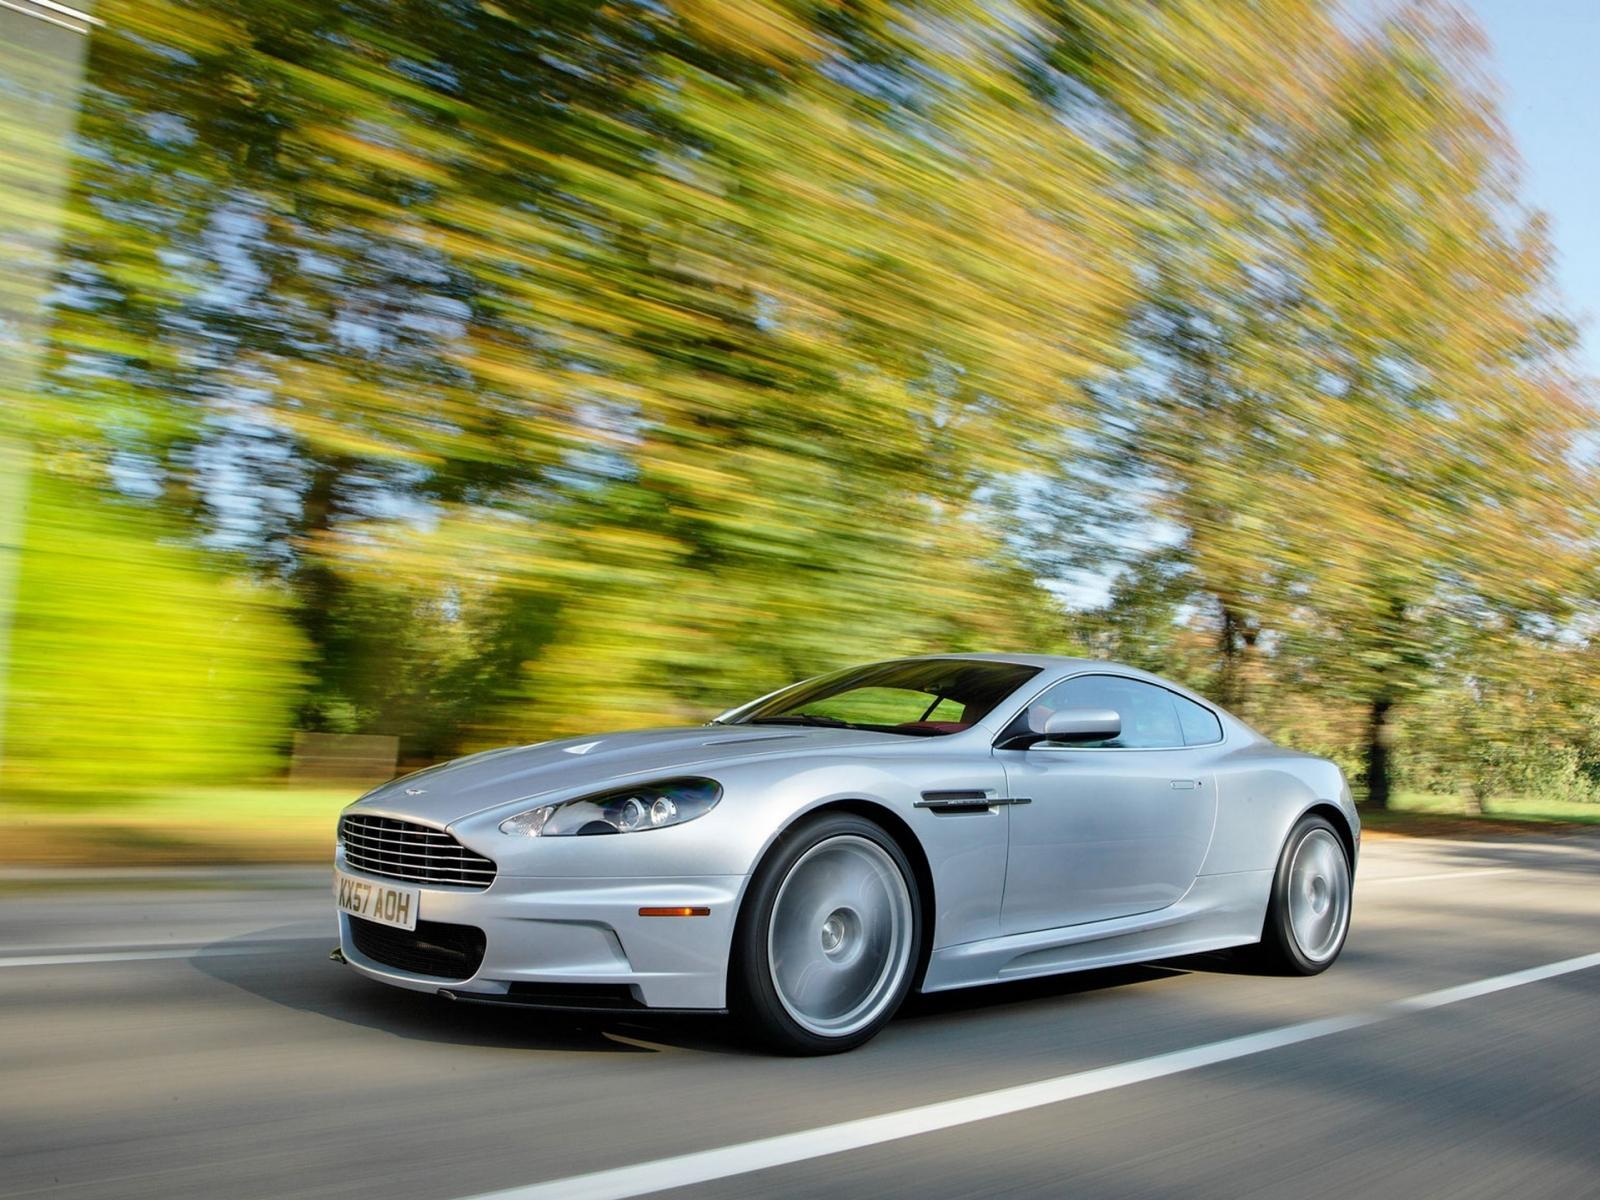 8655 скачать обои Транспорт, Машины, Астон Мартин (Aston Martin) - заставки и картинки бесплатно